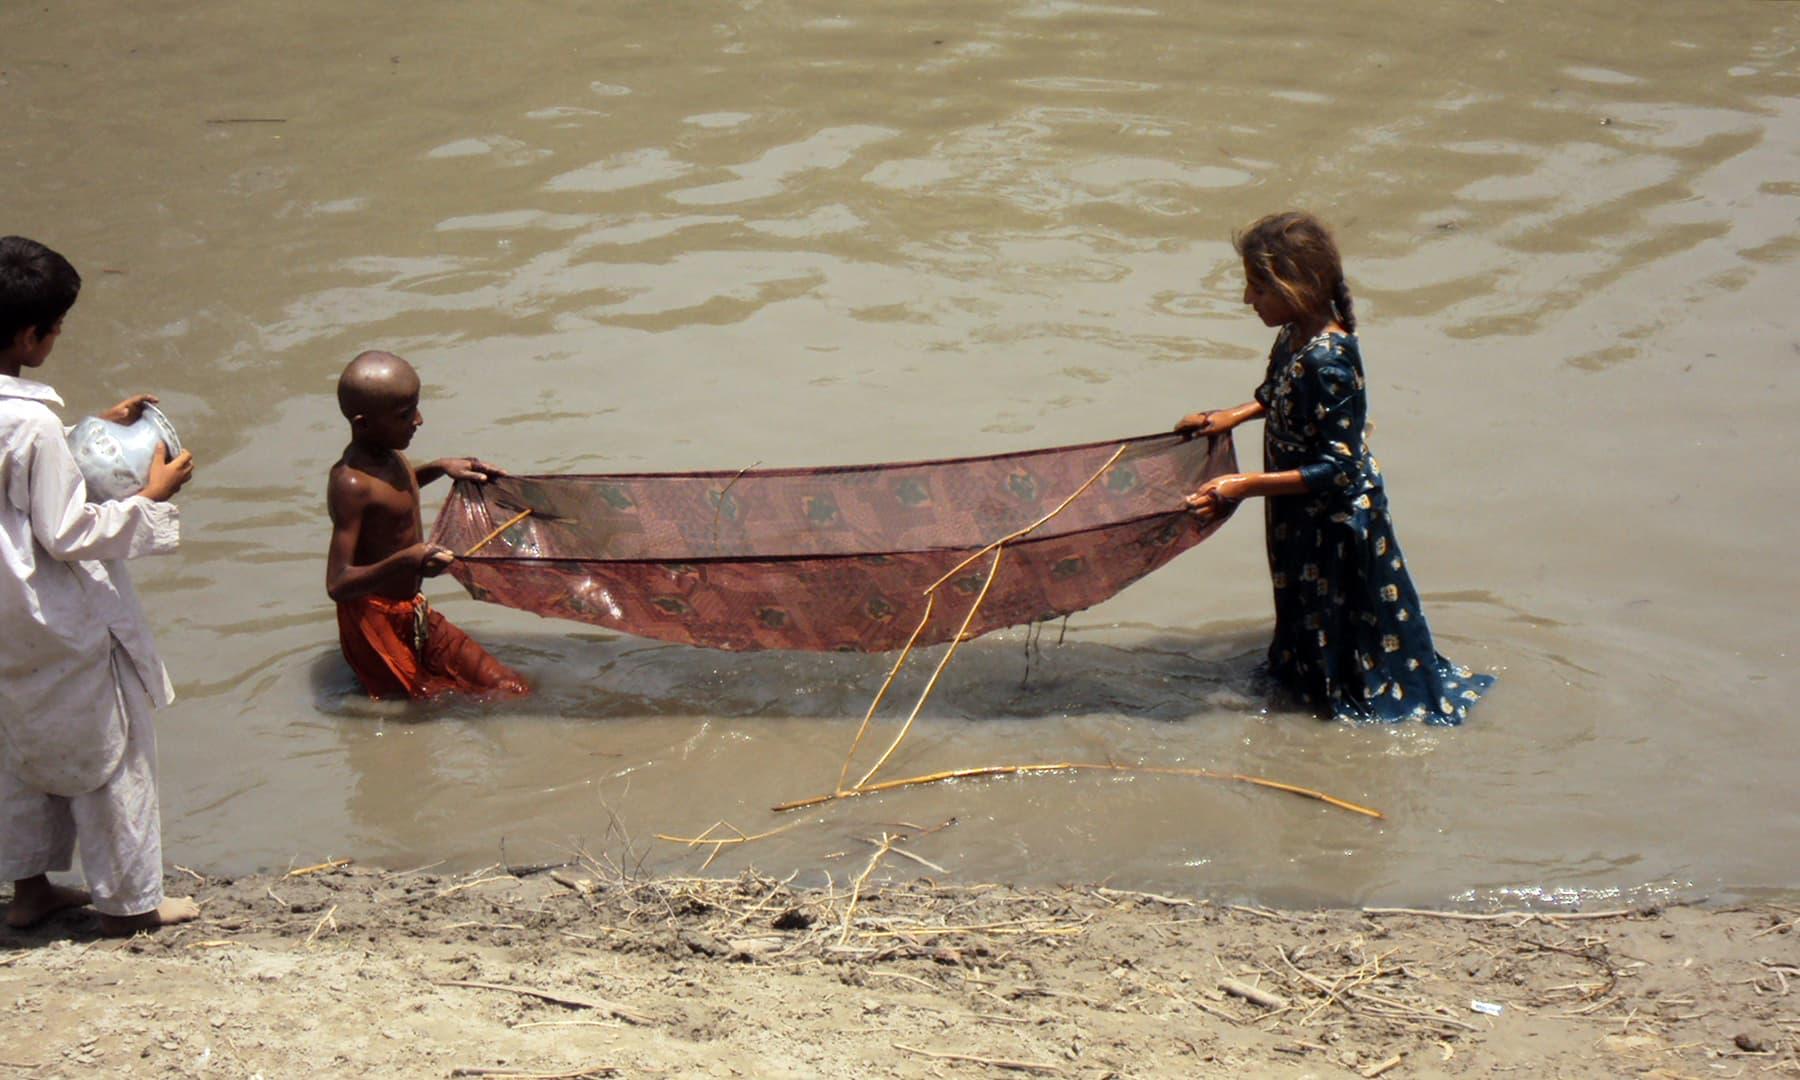 مچھلی کے بیجوں کو نہر میں ہی پکڑ لیا جاتا ہے — تصویر ابوبکر شیخ